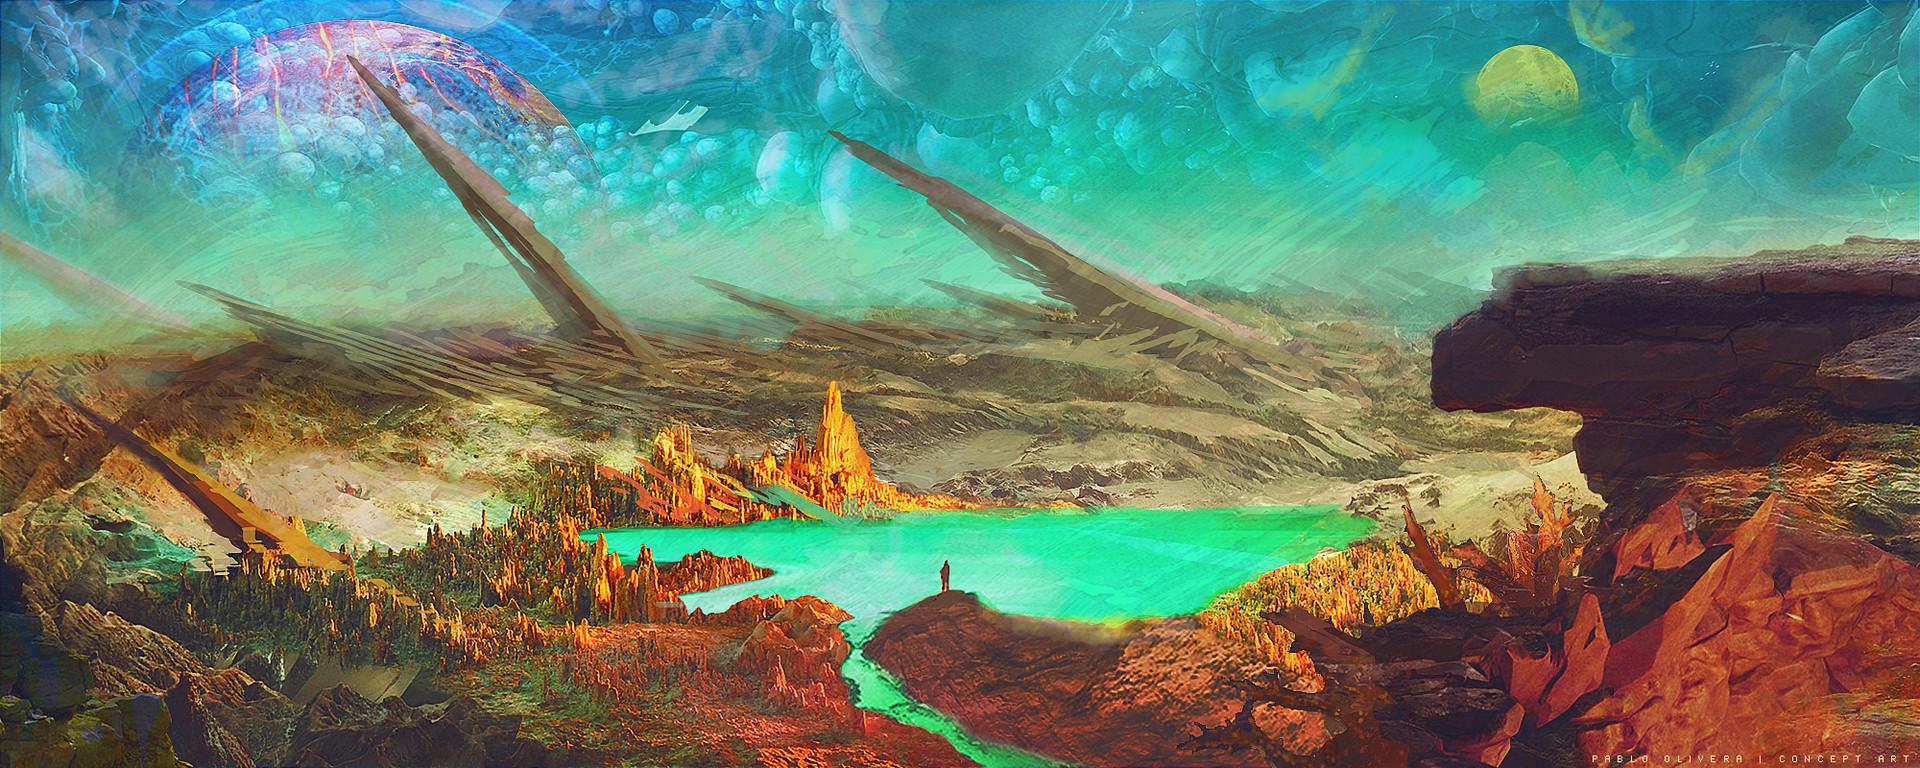 Pablo olivera concept lunar 01